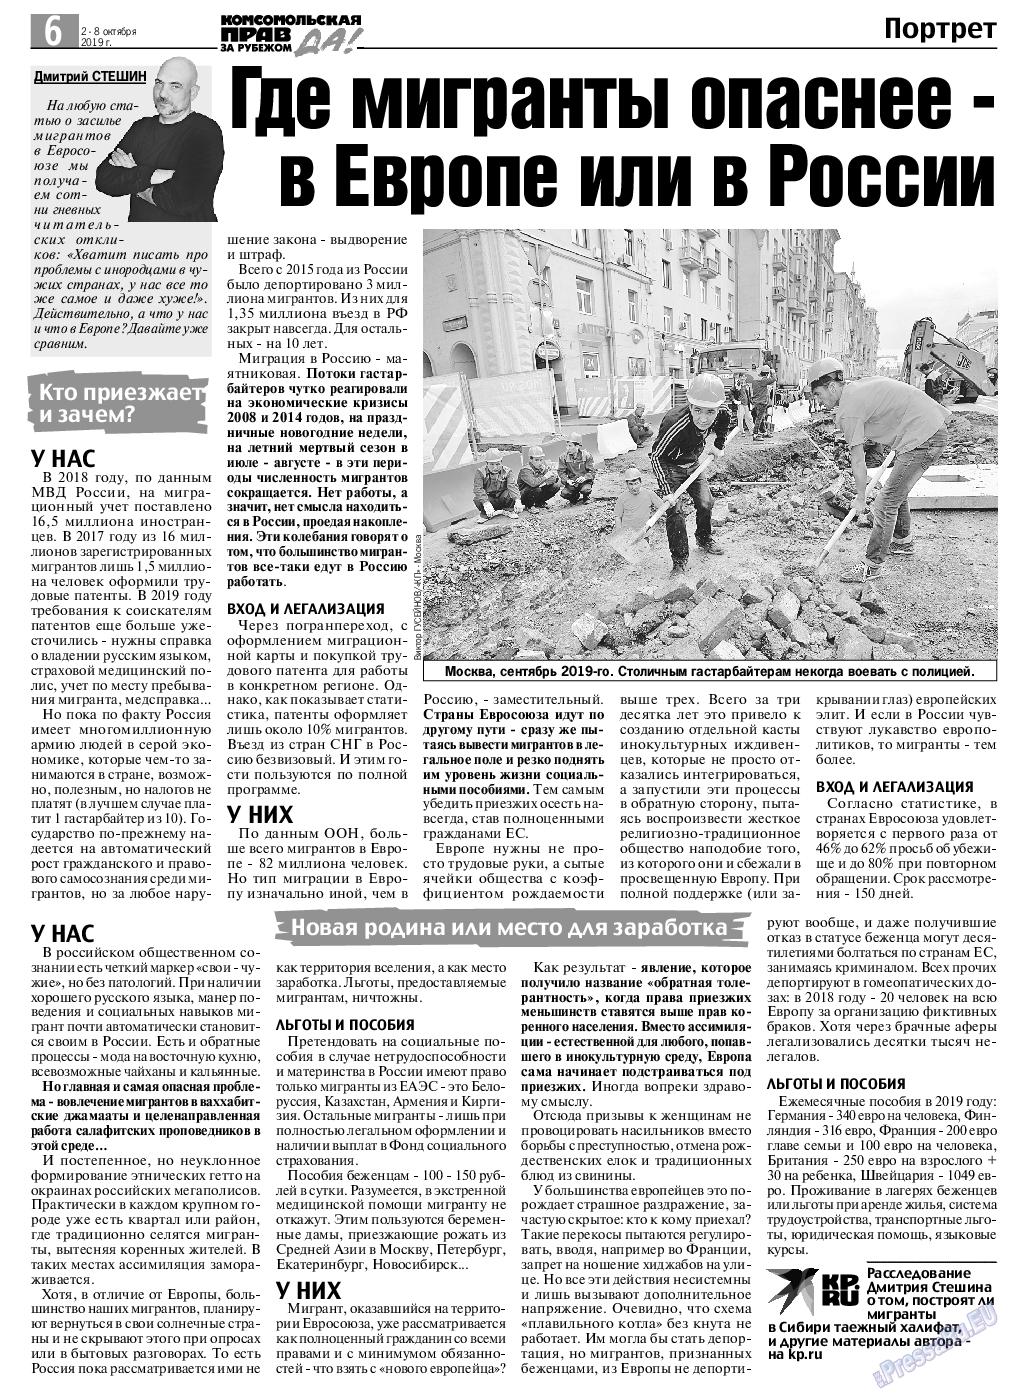 КП в Европе (газета). 2019 год, номер 40, стр. 6